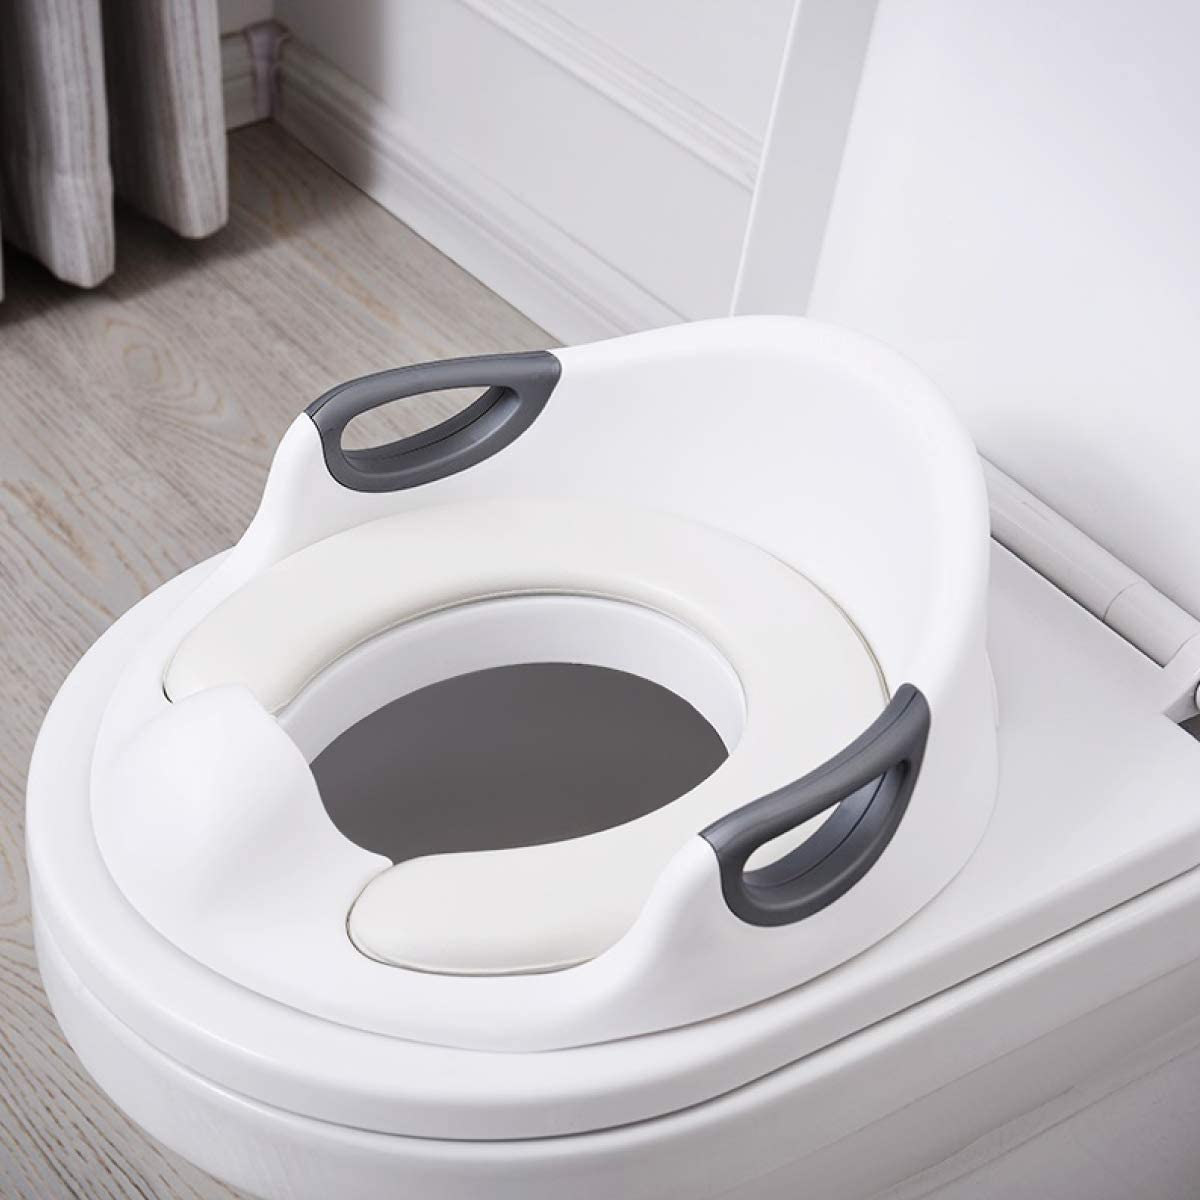 ADOVEL Asiento Inodoro para Niños, Reductor de WC para Bebé, Tapa WC con reposabrazos, respaldo, tapizado, deflector, diseño antideslizante, Ayuda para aprender a ir al baño